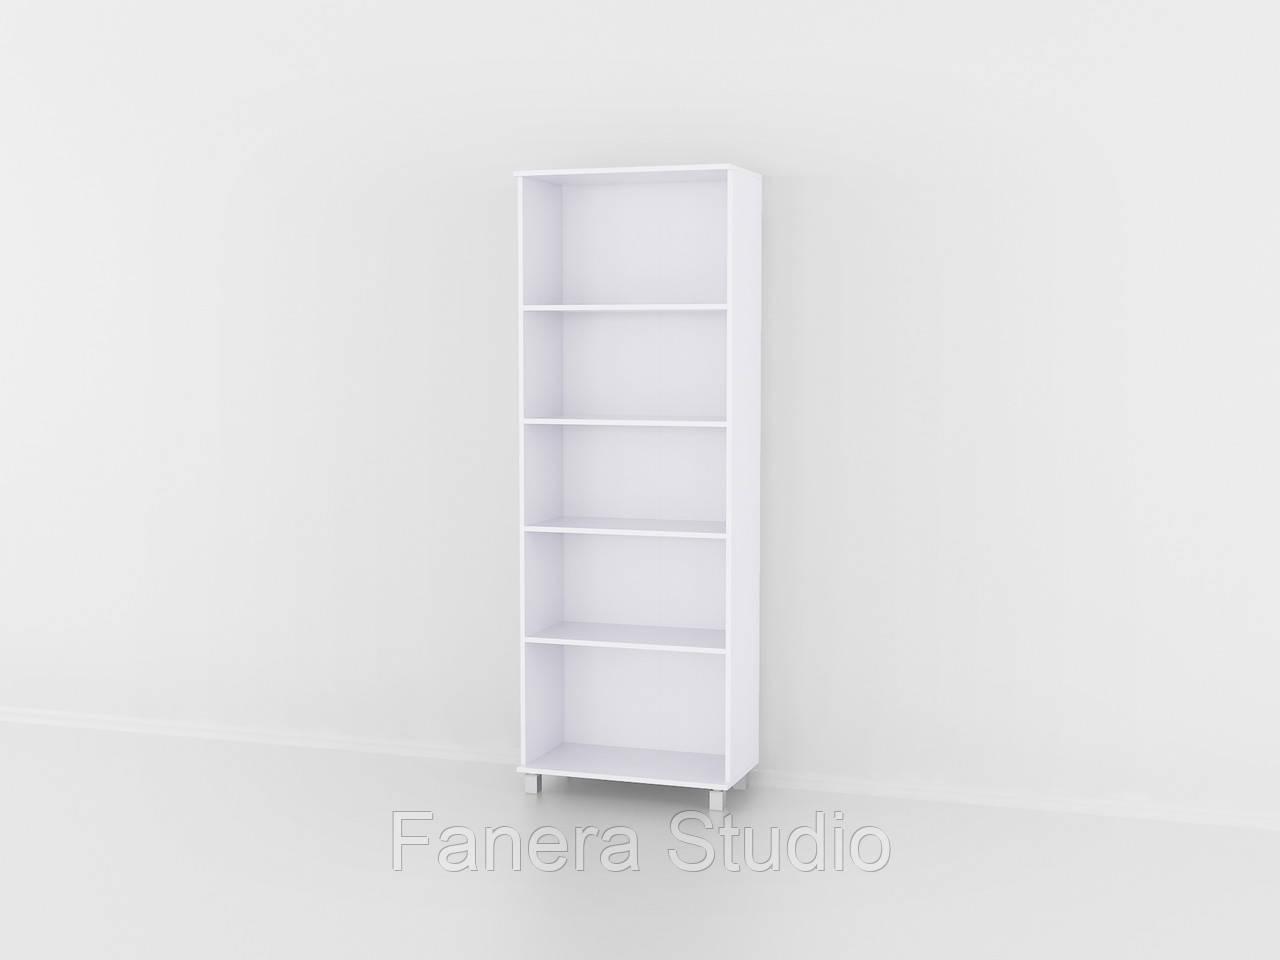 Полиця для книг, стелаж для дому з задньою стінкою на п'ять полиць, що регулюються по висоті